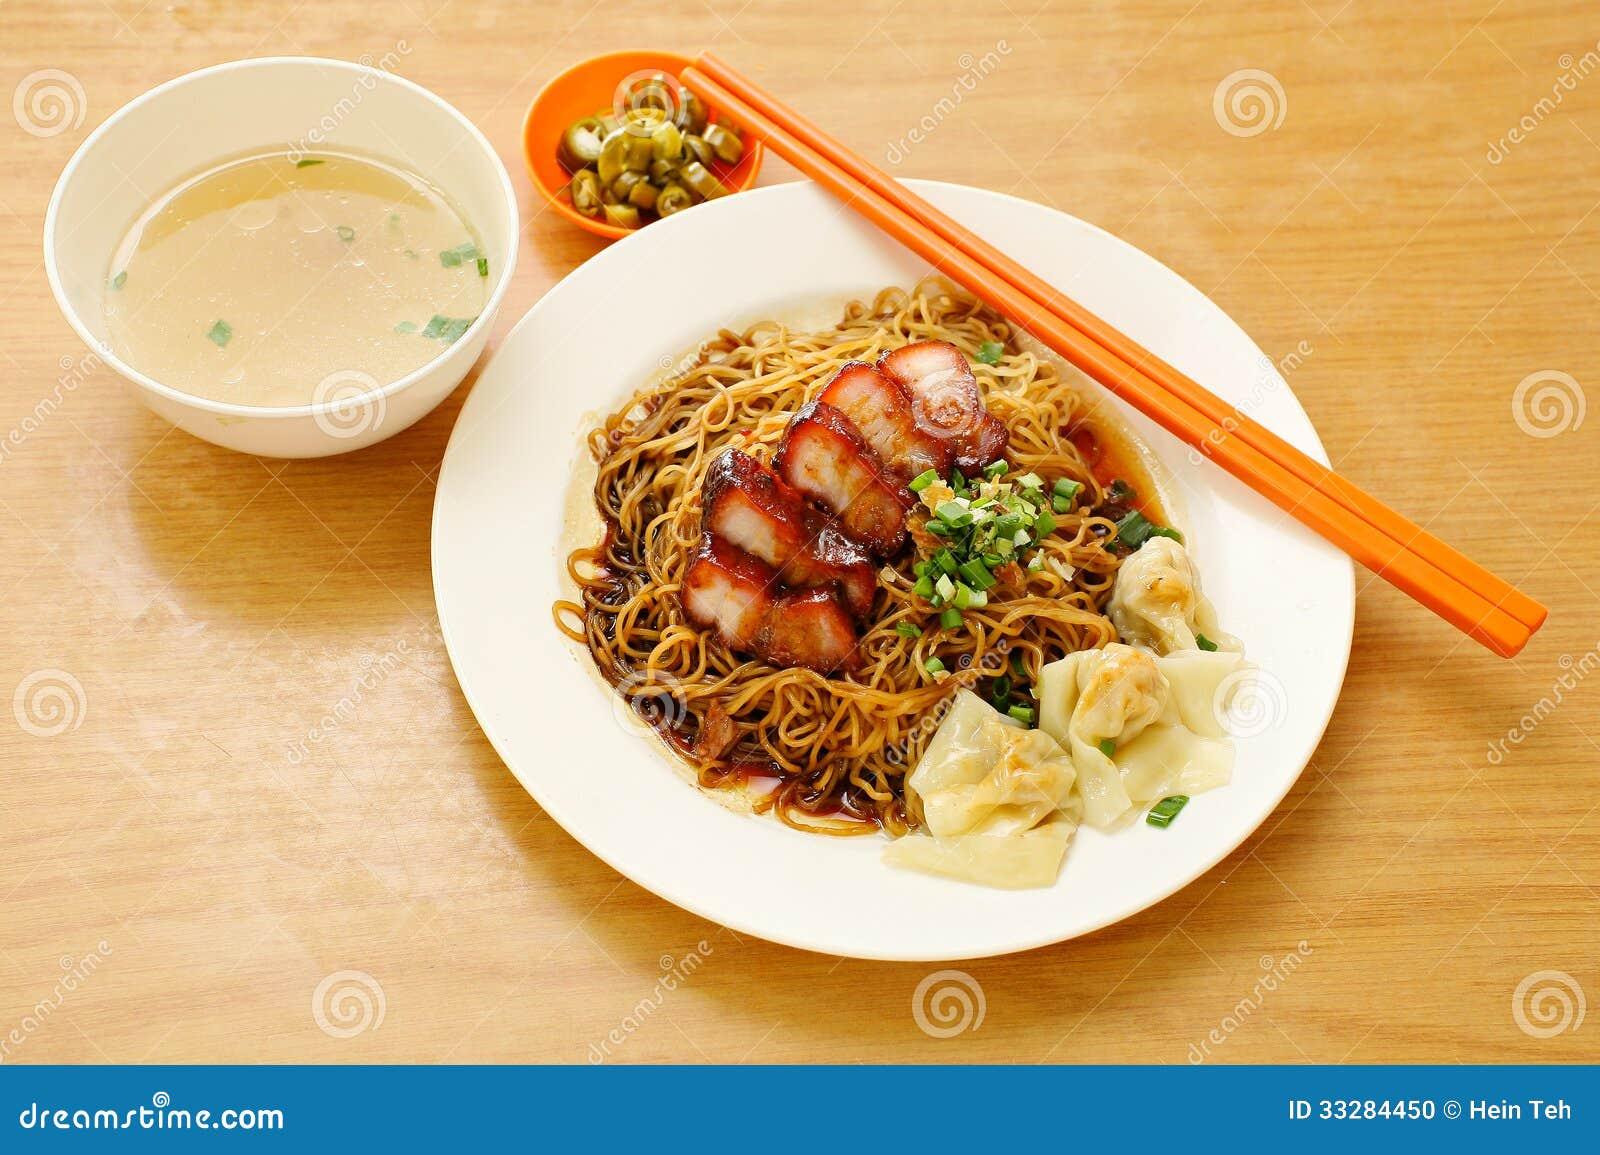 Pork noodle. BBQ pork noodle